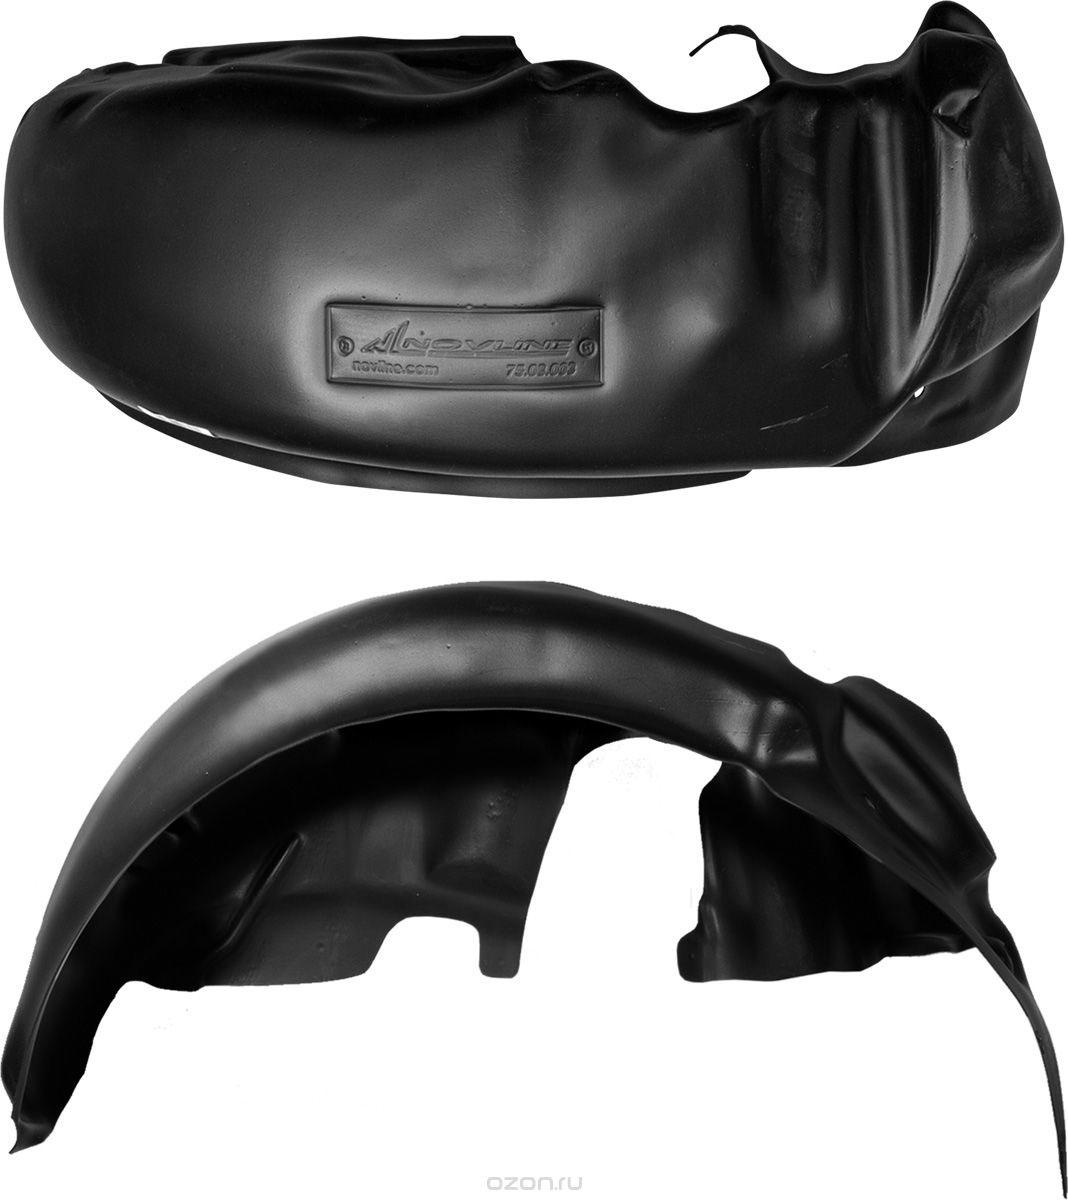 Подкрылок Novline-Autofamily, для HAVAL H9, 05/2015->, Внедорожник, передний правыйNLL.99.03.002Идеальная защита колесной ниши. Локеры разработаны с применением цифровых технологий, гарантируют максимальную повторяемость поверхности арки. Изделия устанавливаются без нарушения лакокрасочного покрытия автомобиля, каждый подкрылок комплектуется крепежом. Уважаемые клиенты, обращаем ваше внимание, что фотографии на подкрылки универсальные и не отражают реальную форму изделия. При этом само изделие идет точно под размер указанного автомобиля.